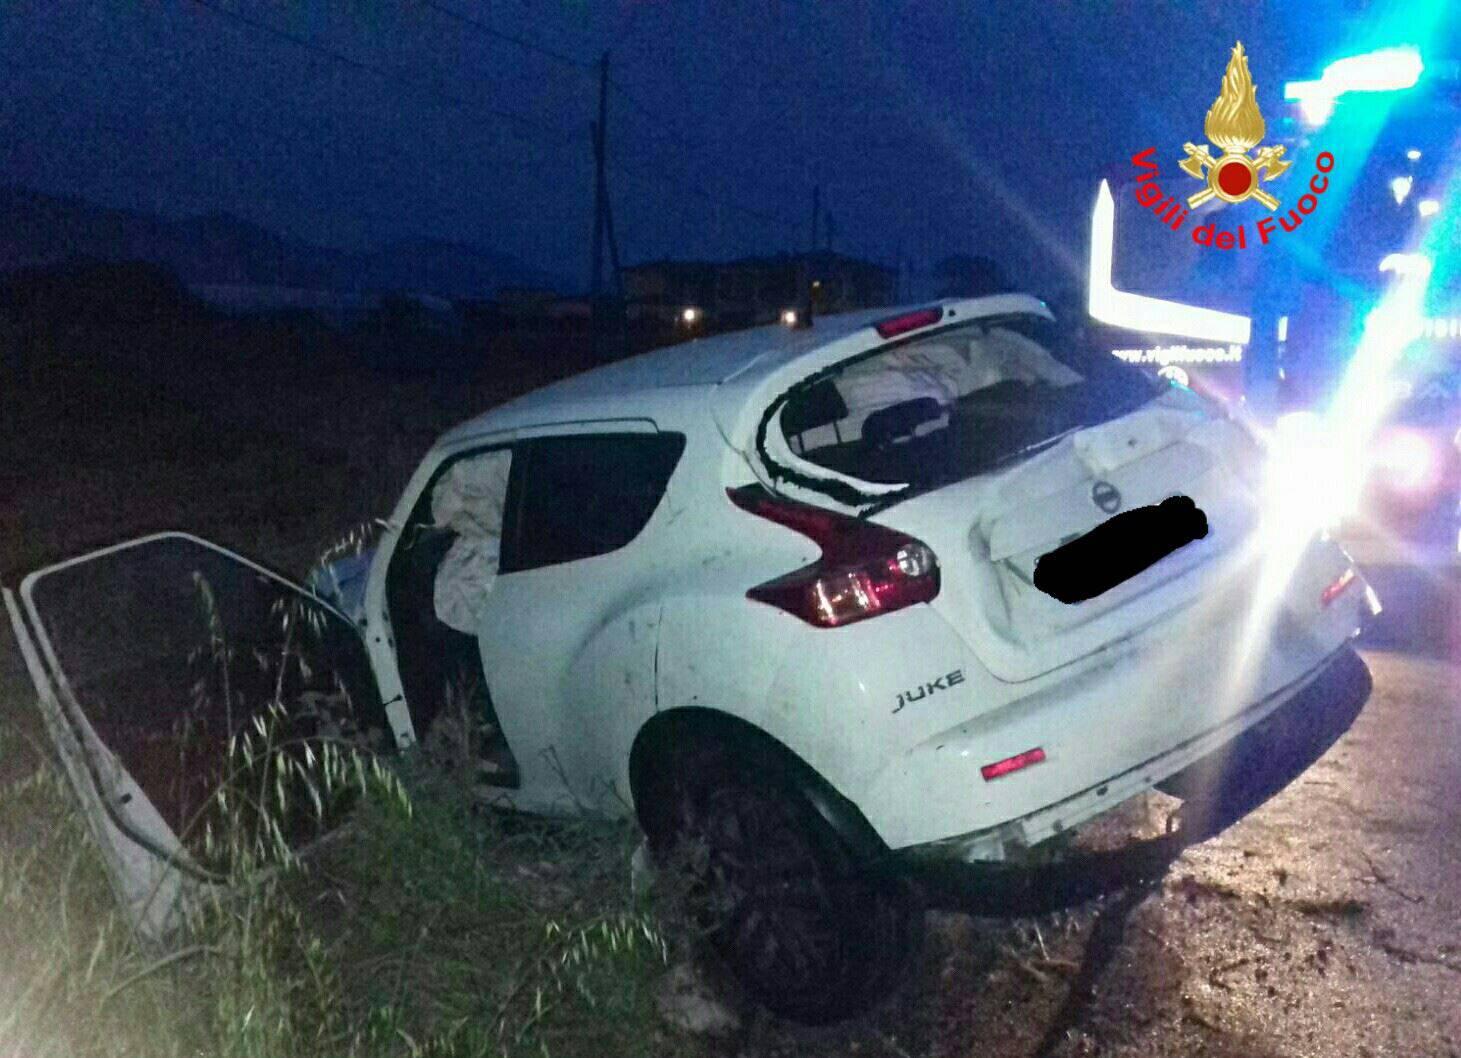 Tragedia all'alba: morti due ventenni in un terribile incidente